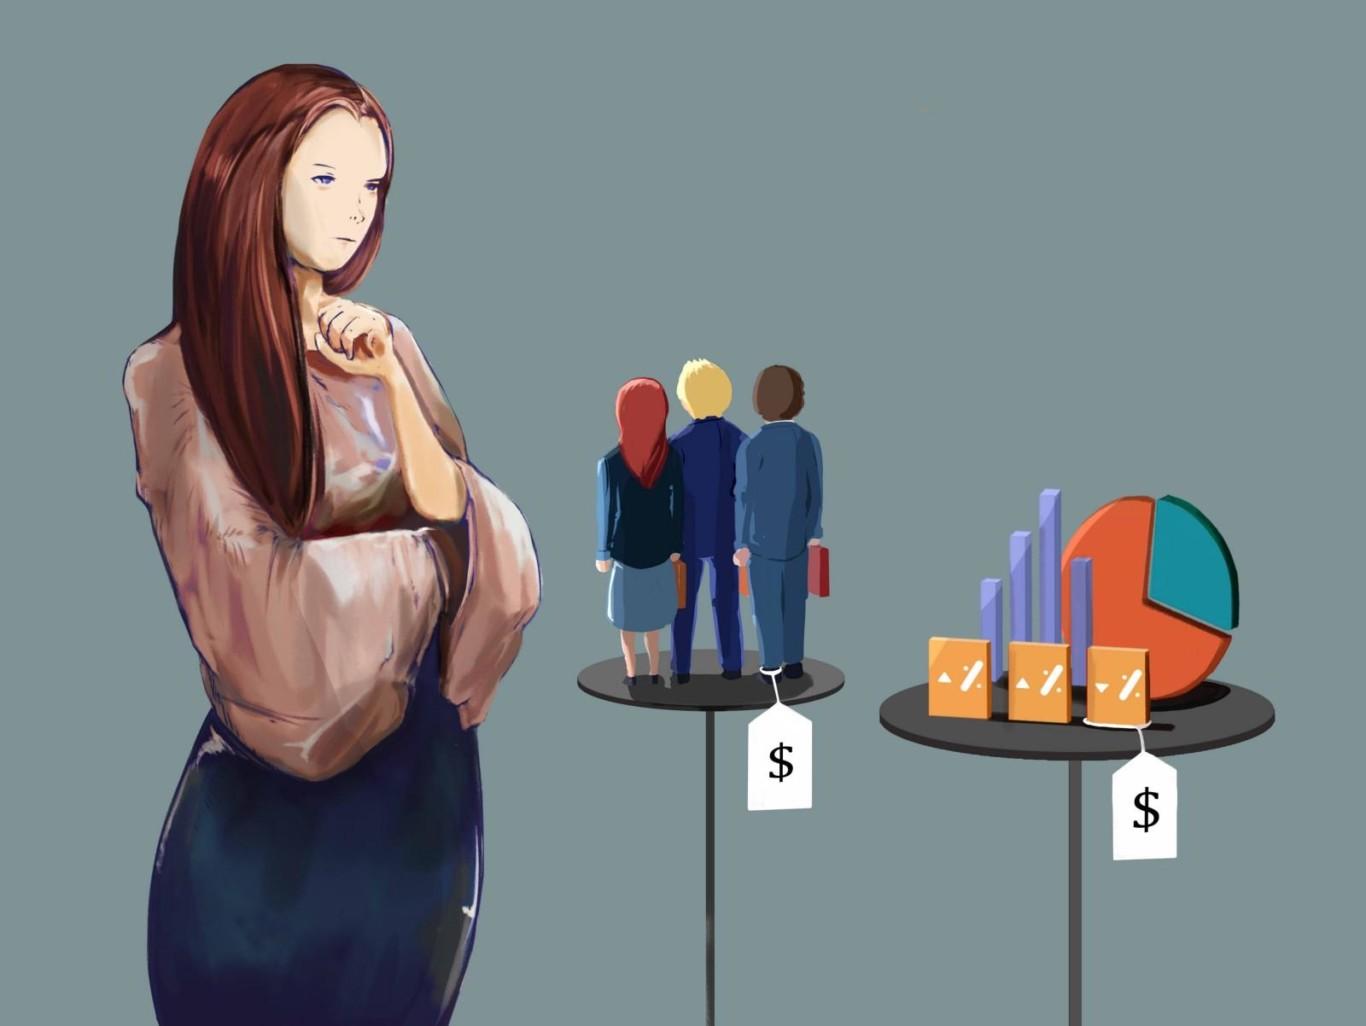 Ценообразование в интернет-магазине